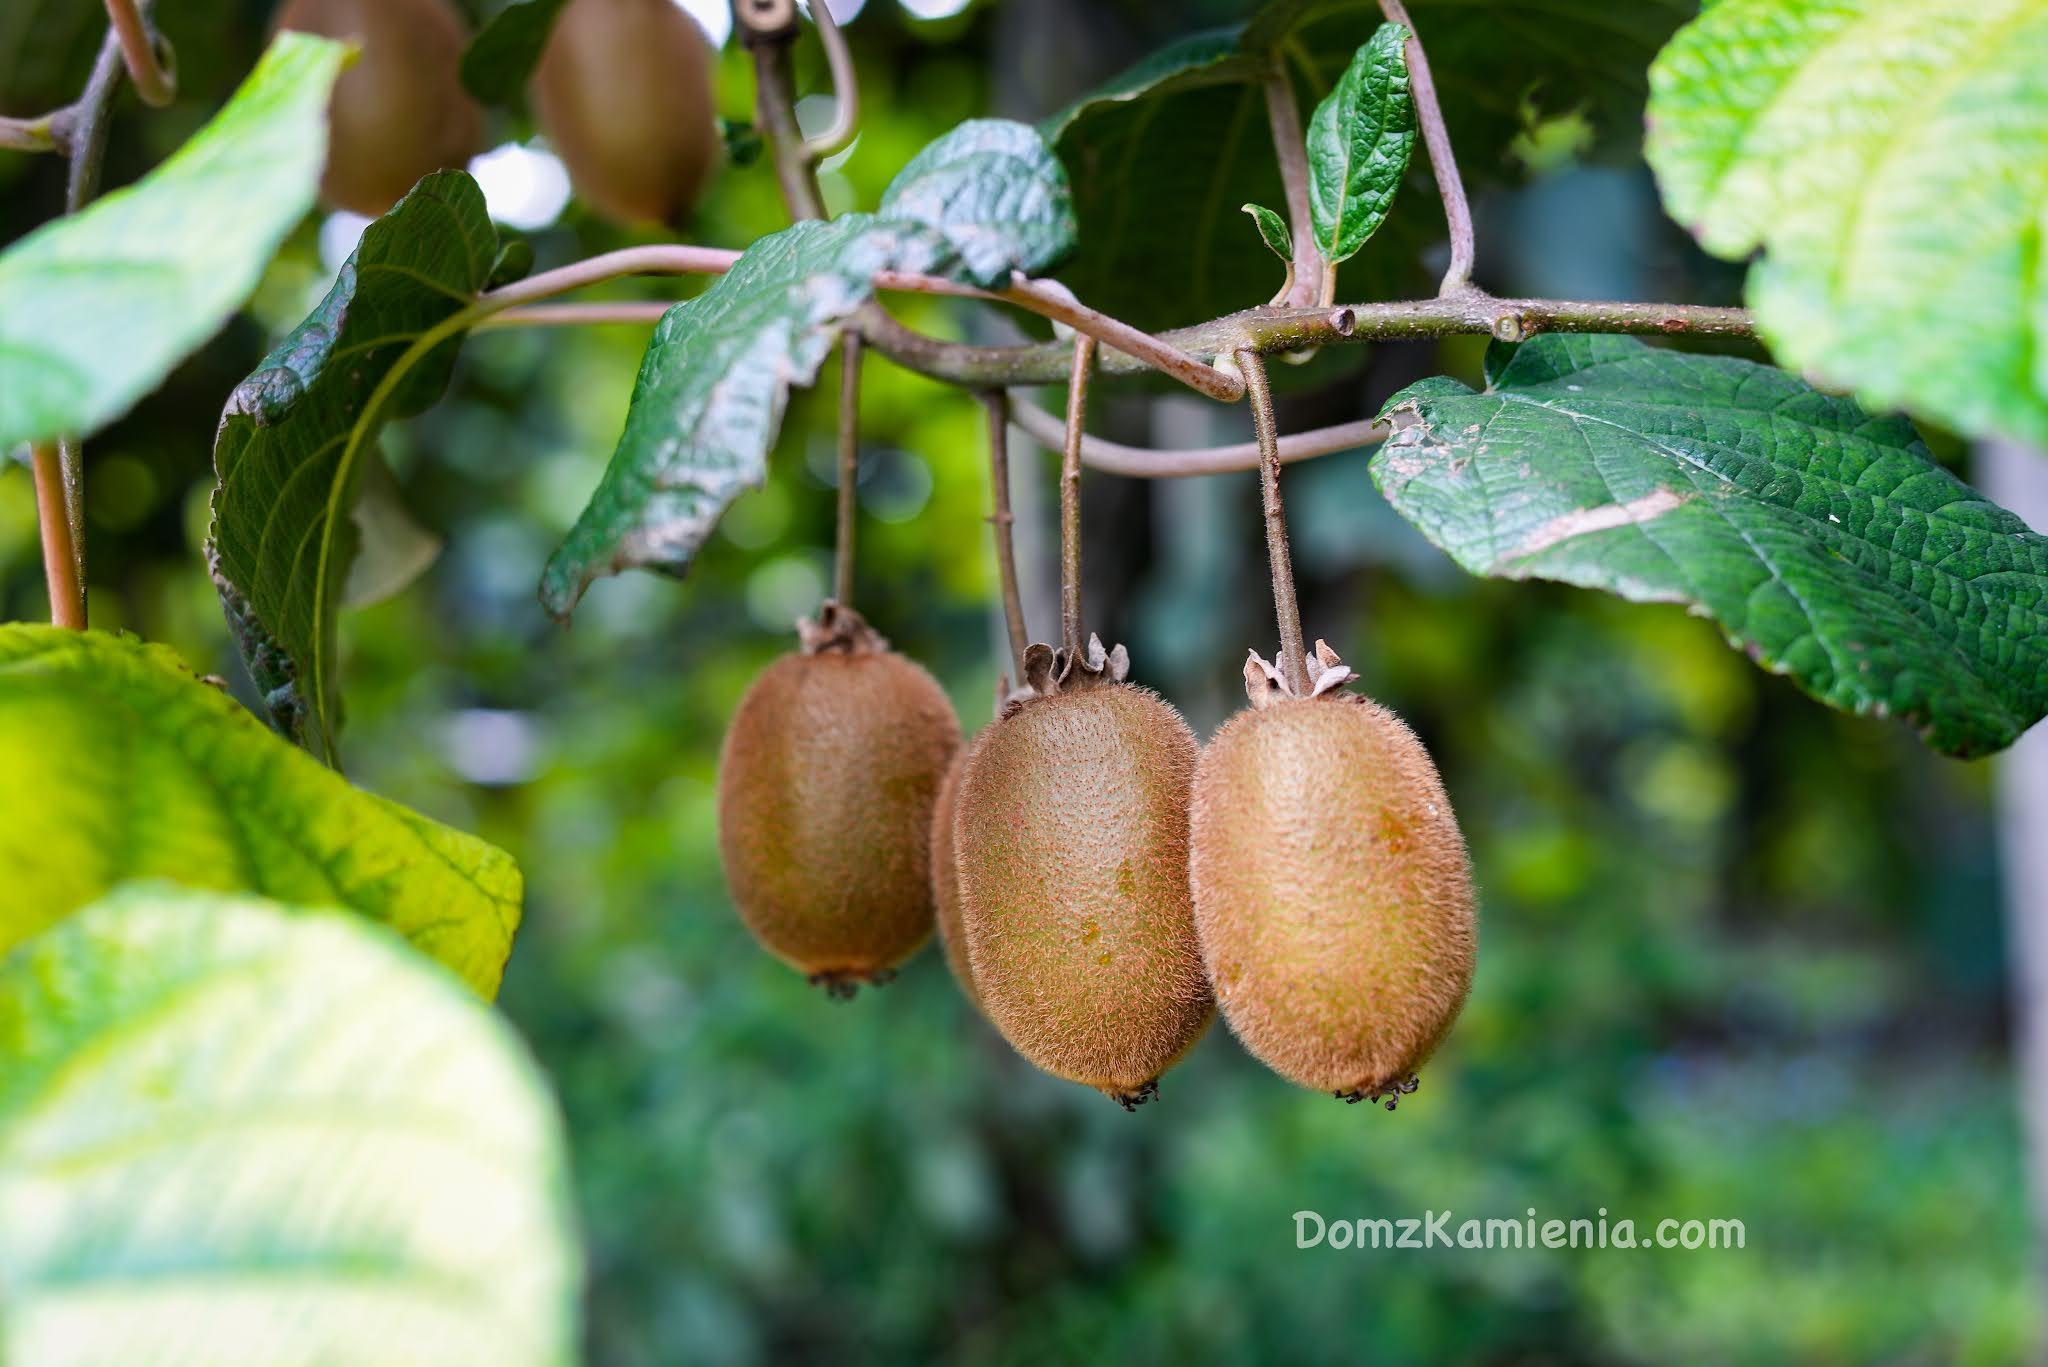 Plantacja kiwi - Dom z Kamienia blog